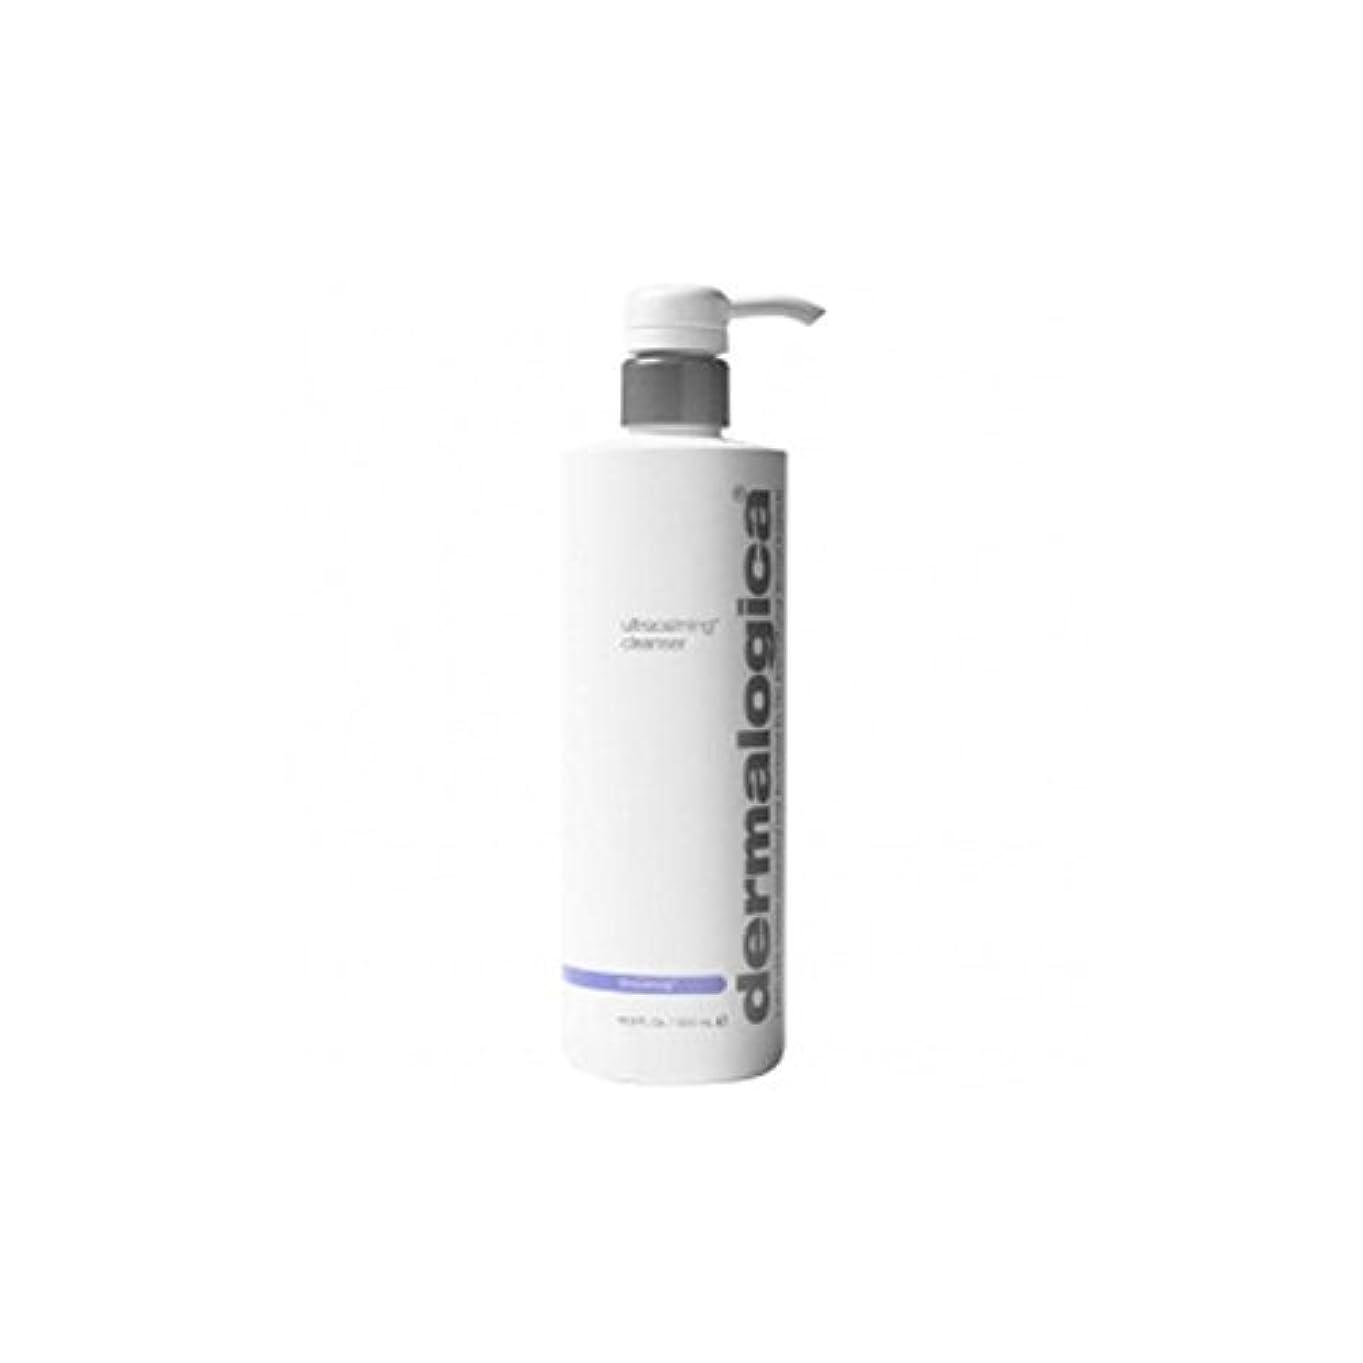 アトミックスリラーうめき声ダーマロジカクレンザー(500ミリリットル) x4 - Dermalogica Ultracalming Cleanser (500ml) (Pack of 4) [並行輸入品]